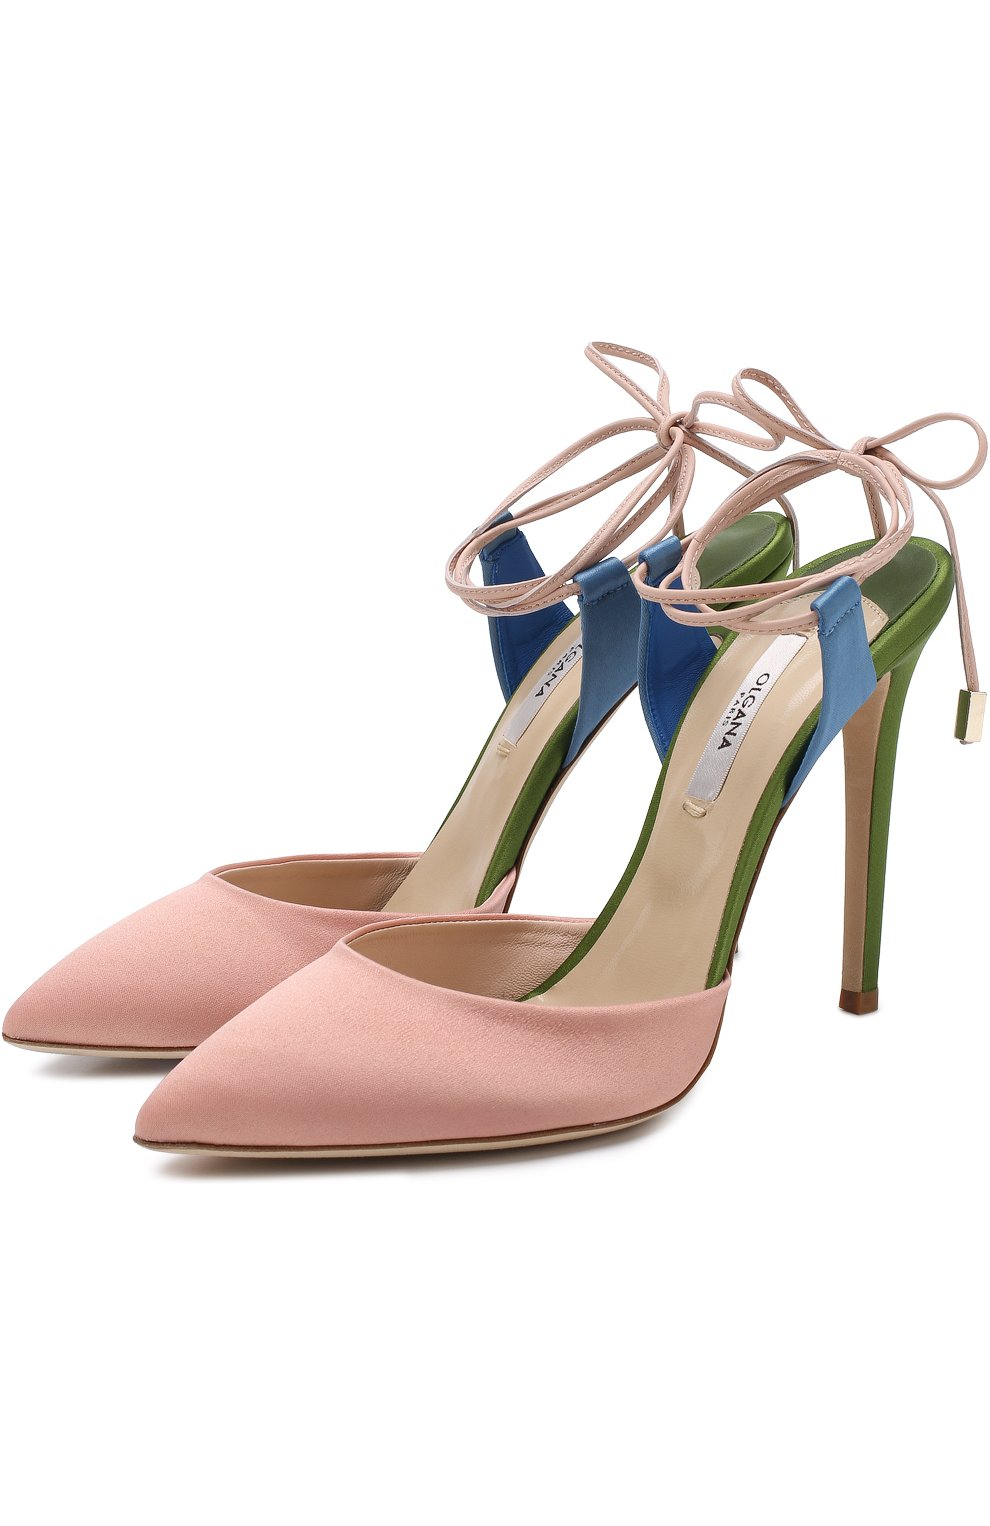 Сатиновые туфли Attachante Rainbow с кожаными ремешками | Фото №1